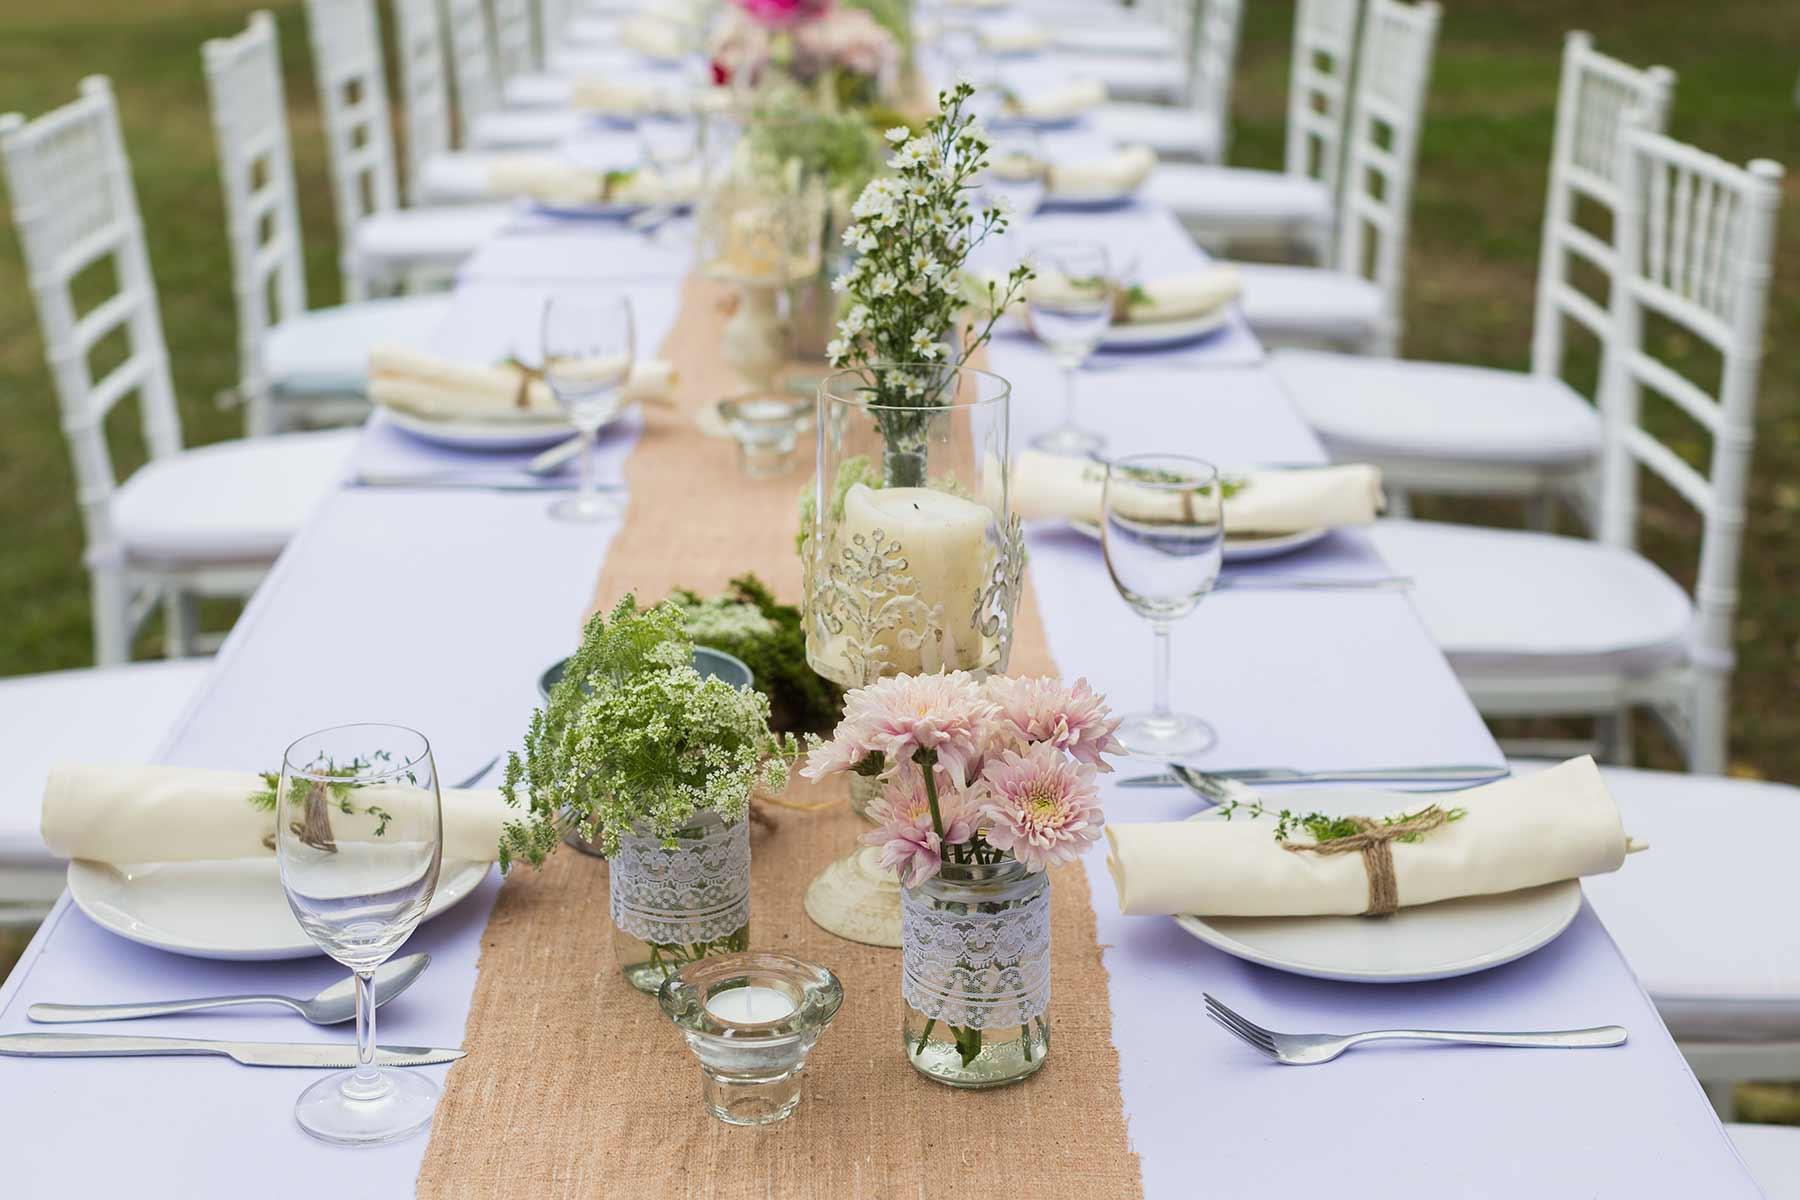 Vintage-Hochzeit: Alles, was du zur Dekoration benötigst